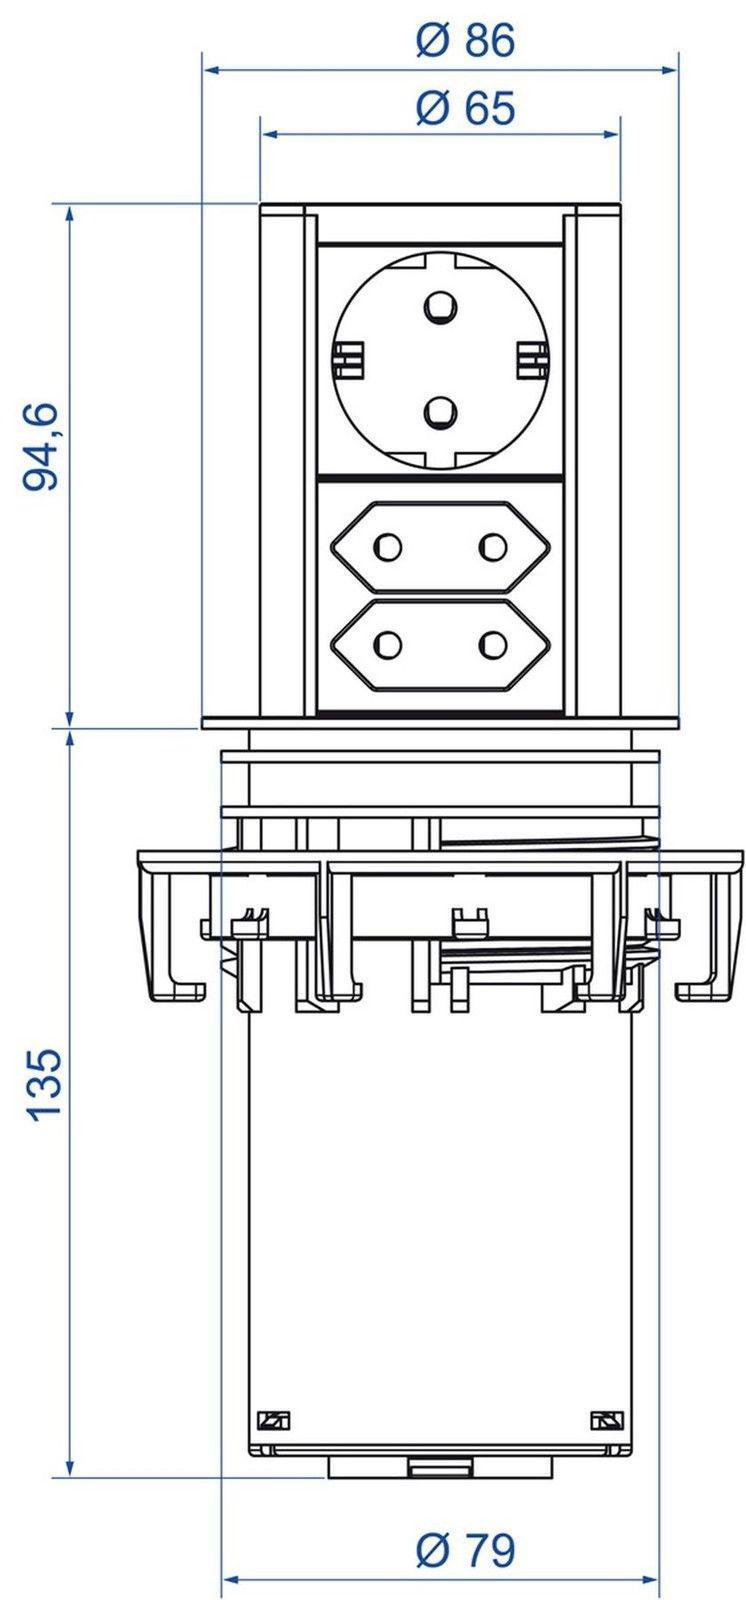 Höhe Steckdosen Küche | Hohe Steckdosen Kuche Mobel Ideen Und Innenarchitektur